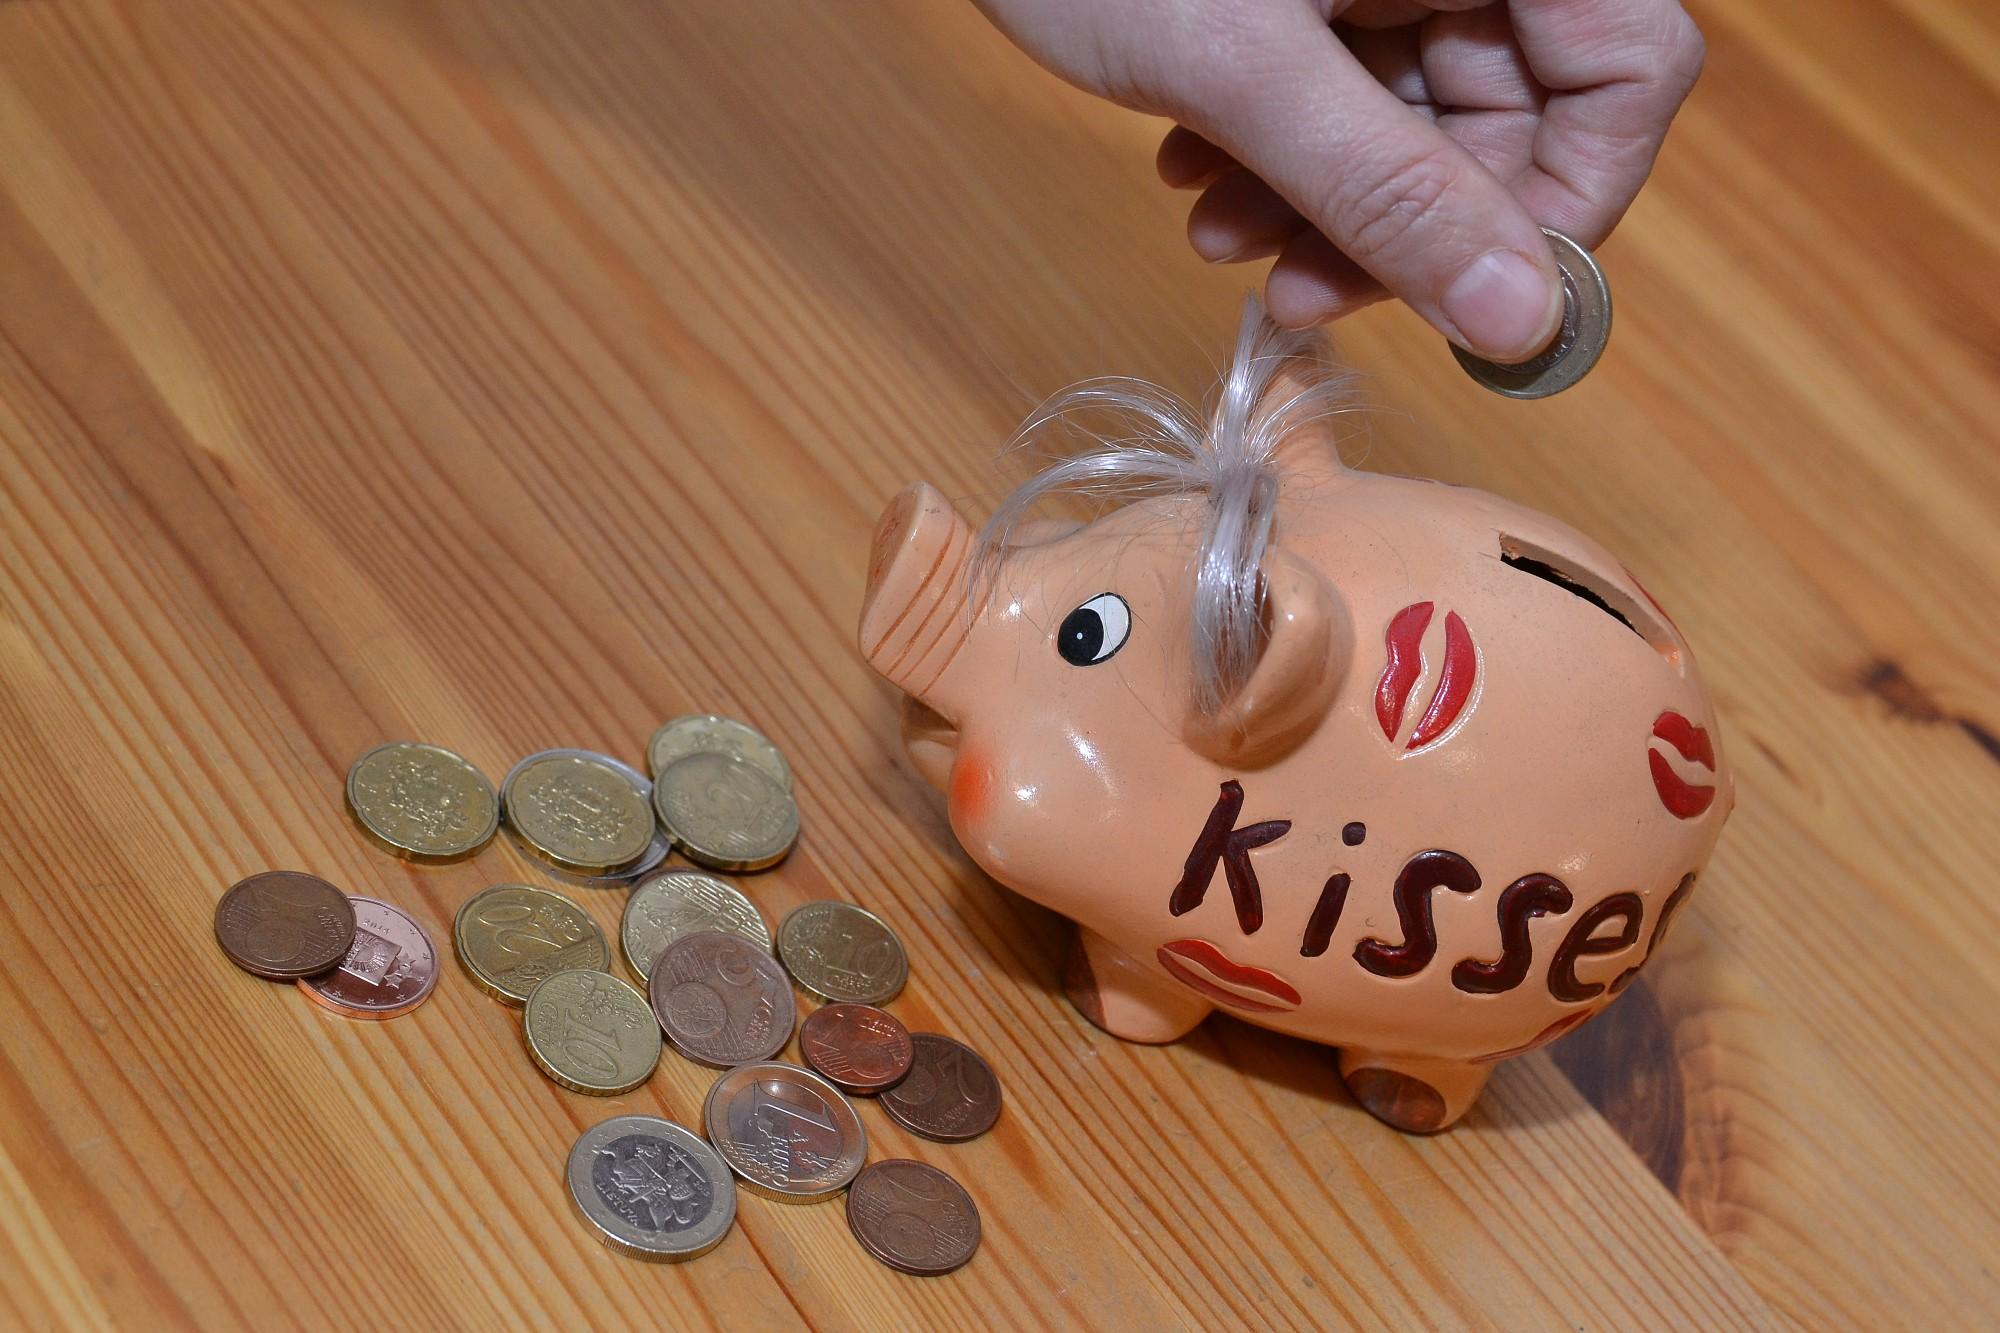 Министерство благосостояния планирует увеличить минимальную зарплату